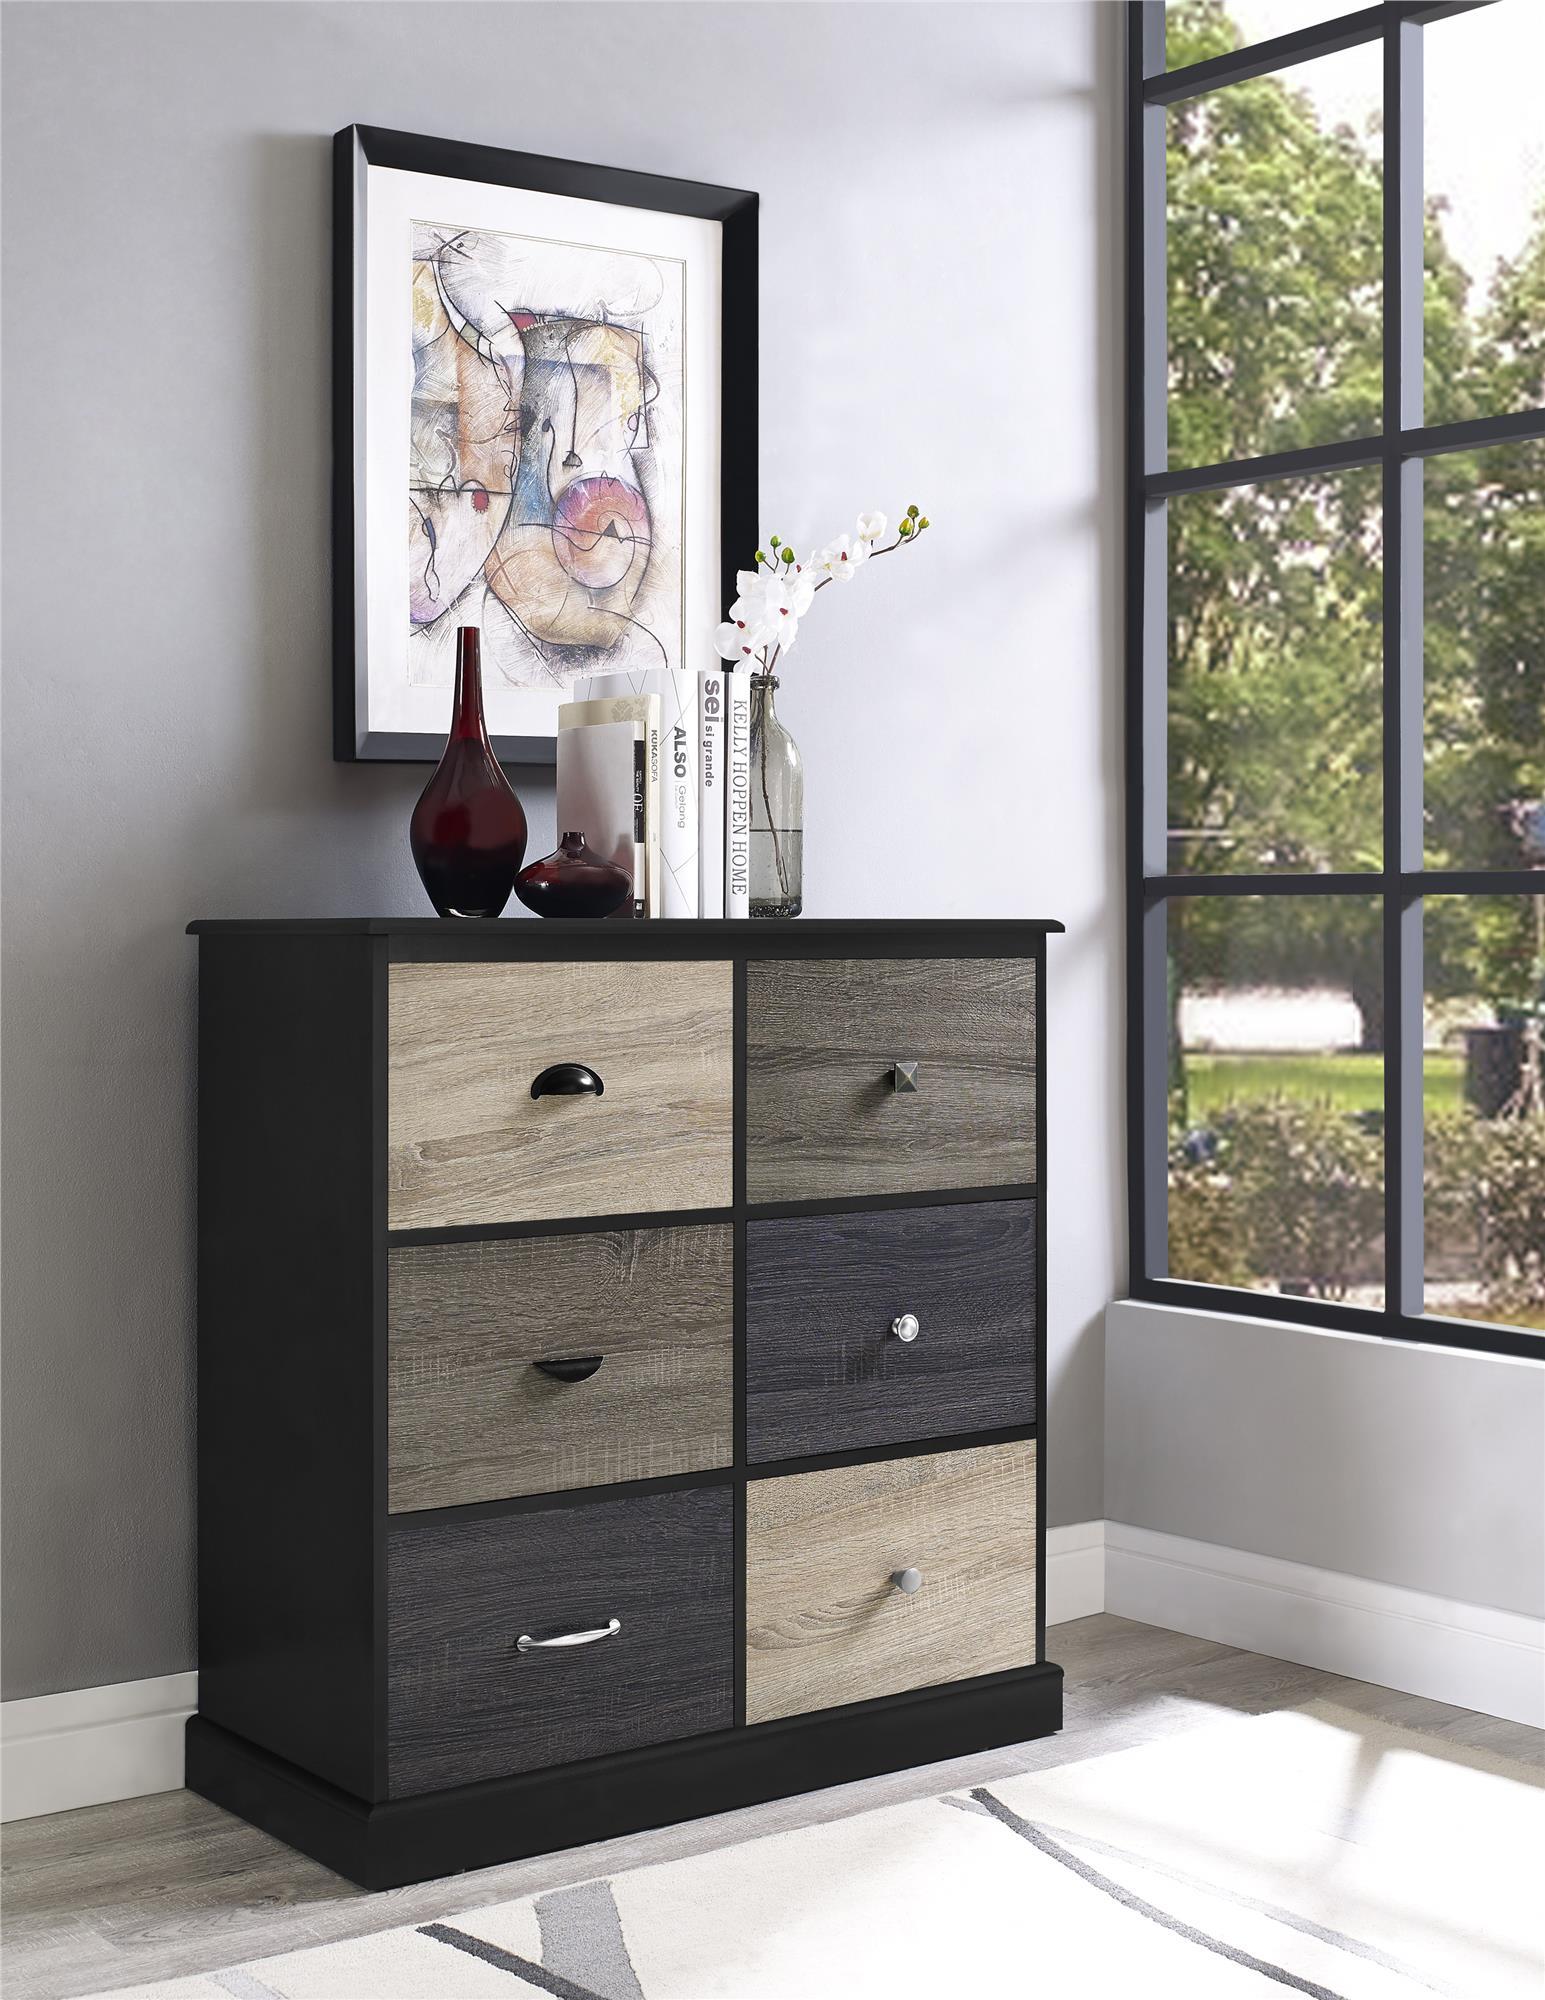 Dorel Home Furnishings Blackburn Black 6-door Storage Cabinet with Multicolored Door Fronts